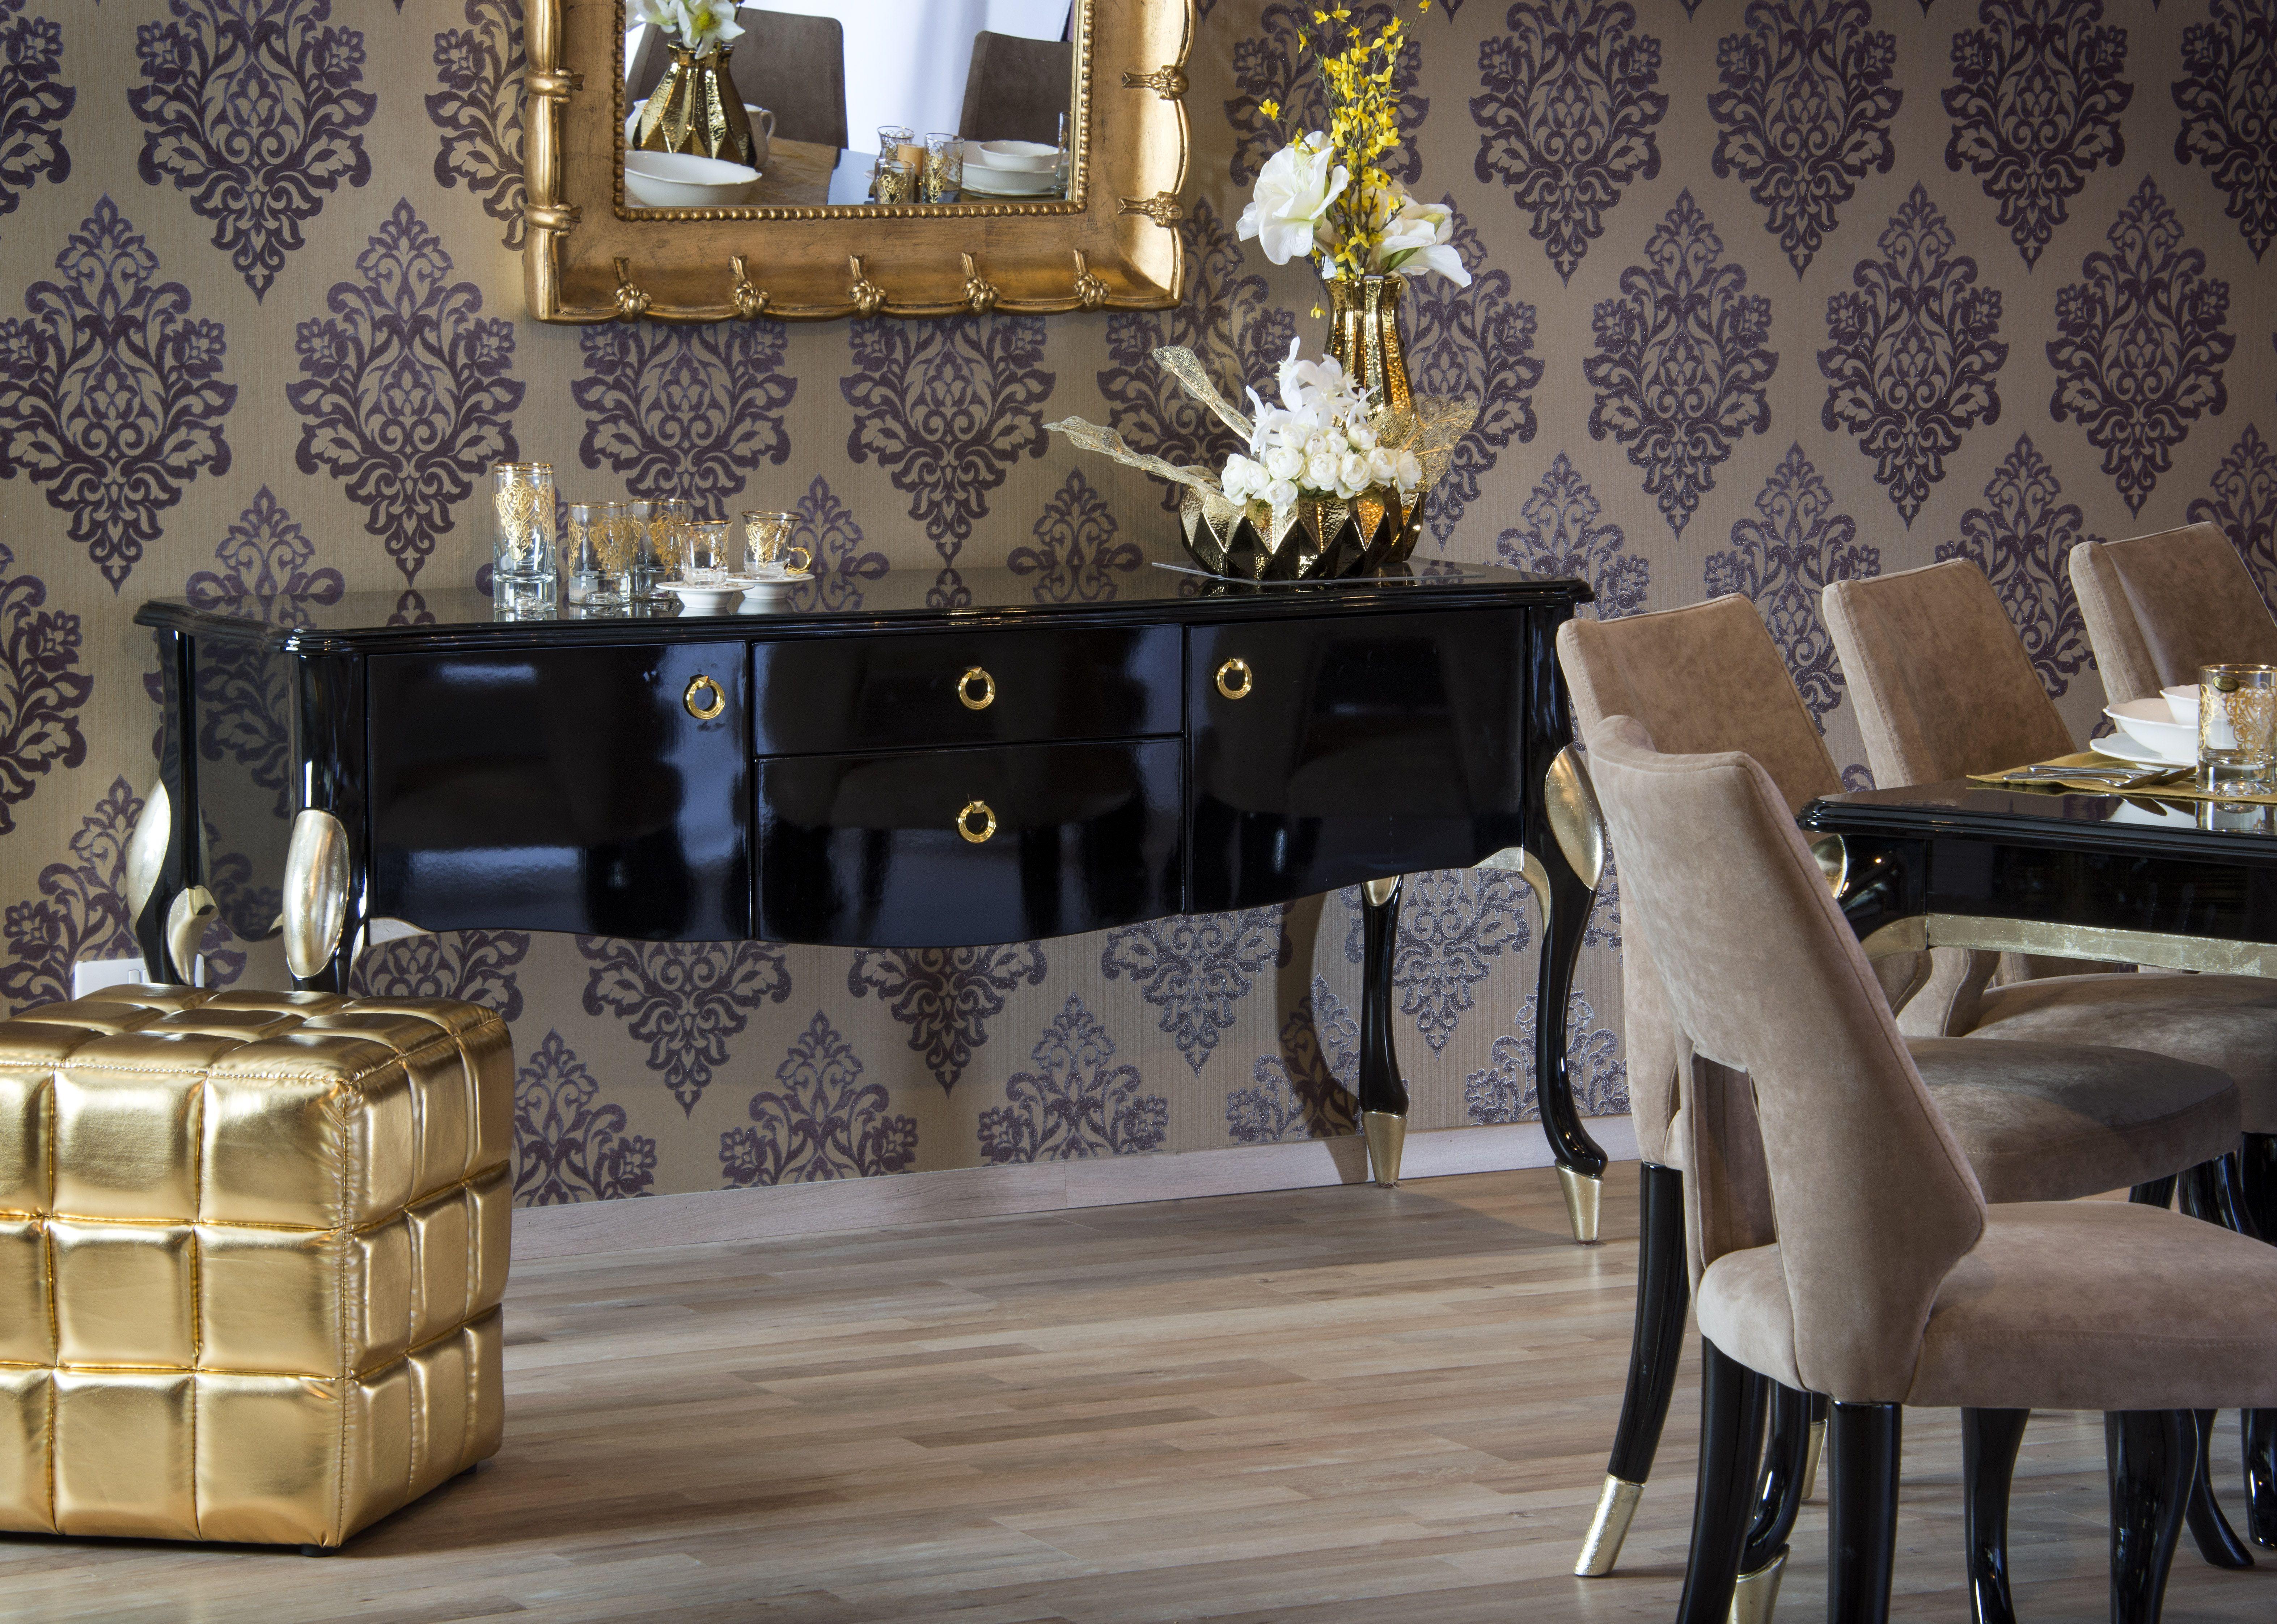 ما رأيكم بهذا المدخل الفخم والعصري من ميداس فخامة بيت عصري الرياض الخبر جدة السعودية الكويت قطر Furniture Home Decor Home Accessories